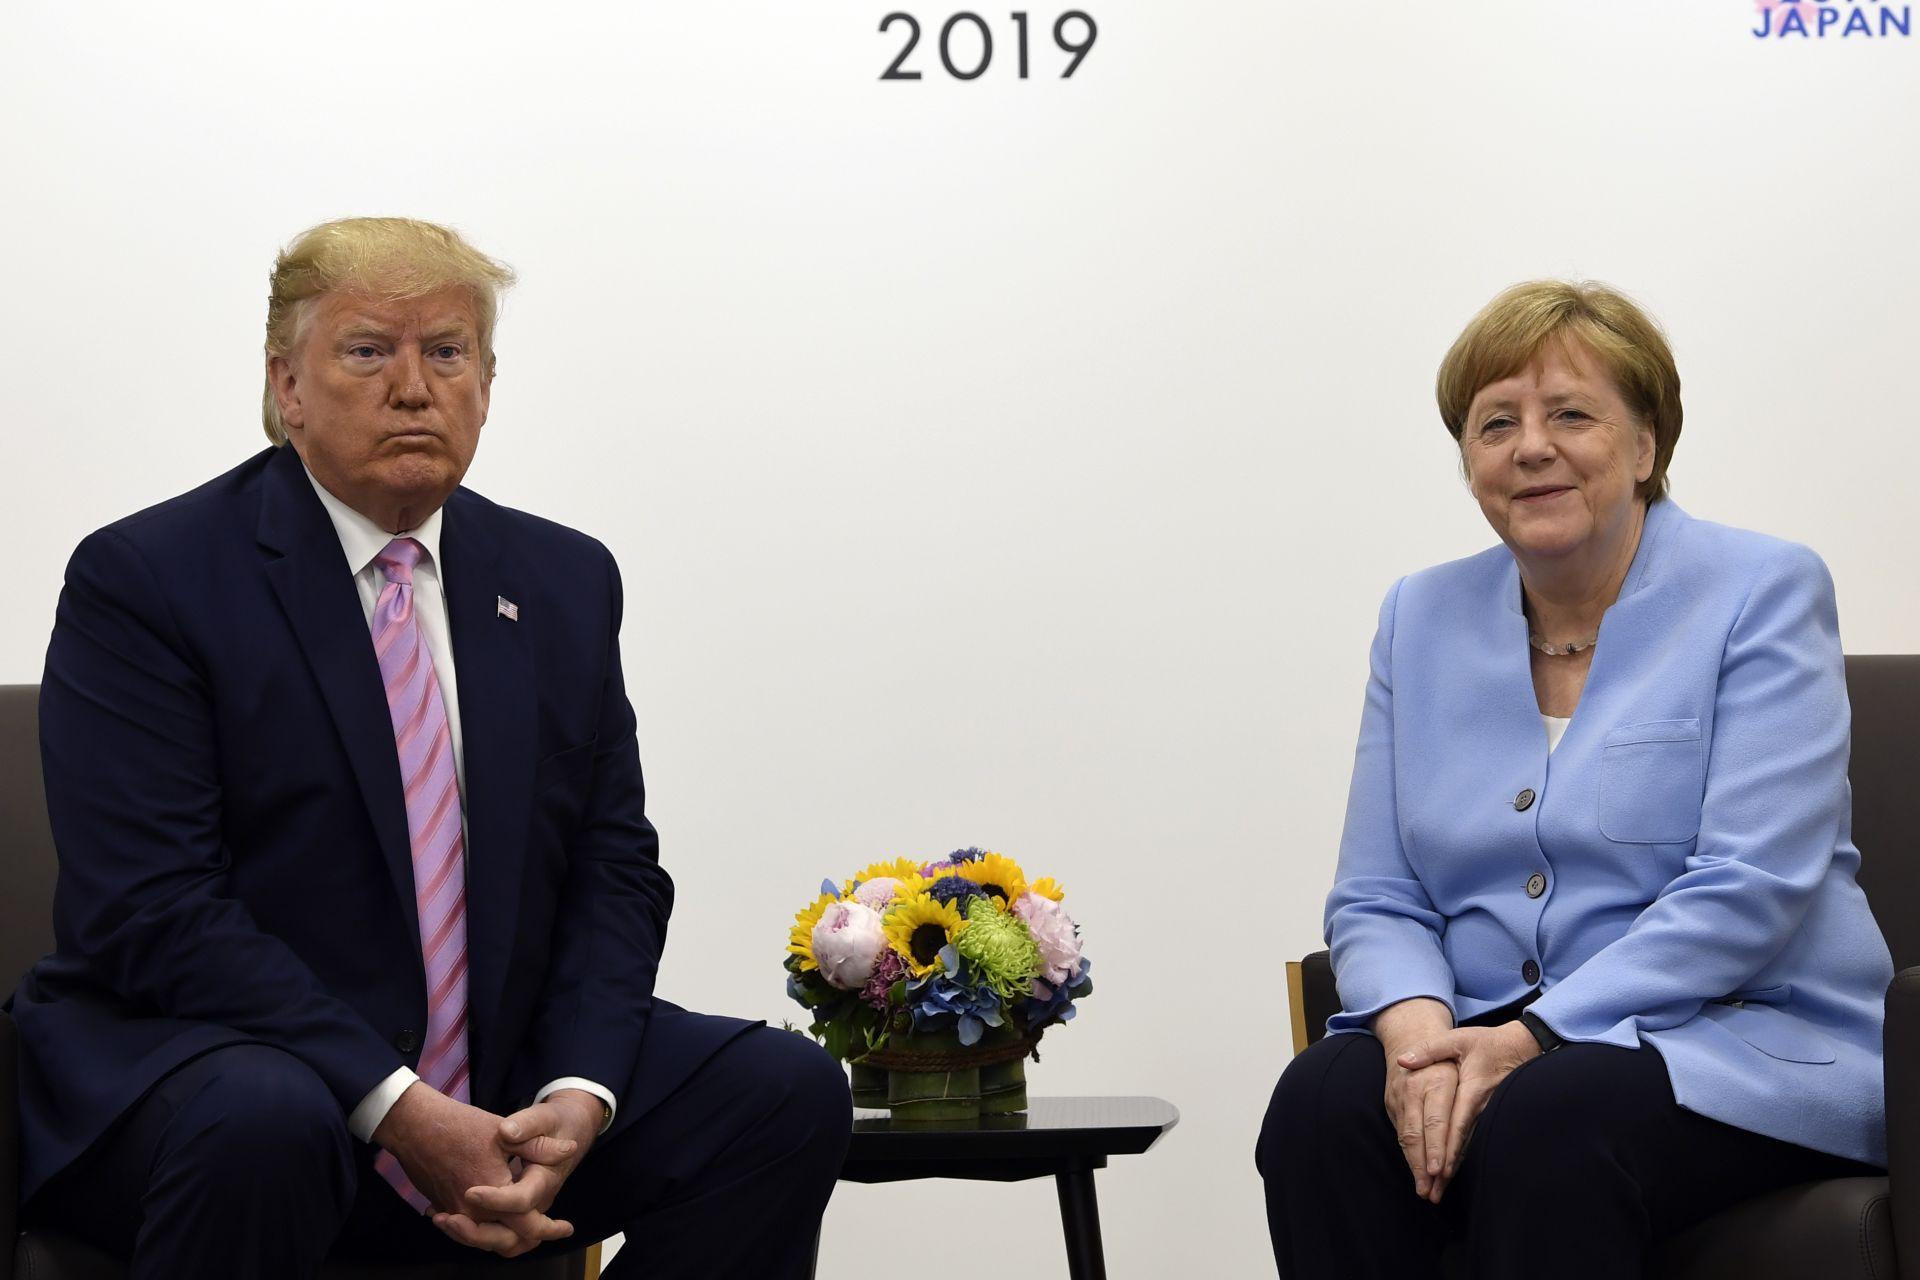 оналд Тръмп и Ангела Меркел по време на срещата на върха Г-20, която се провежда в Осака, Япония.